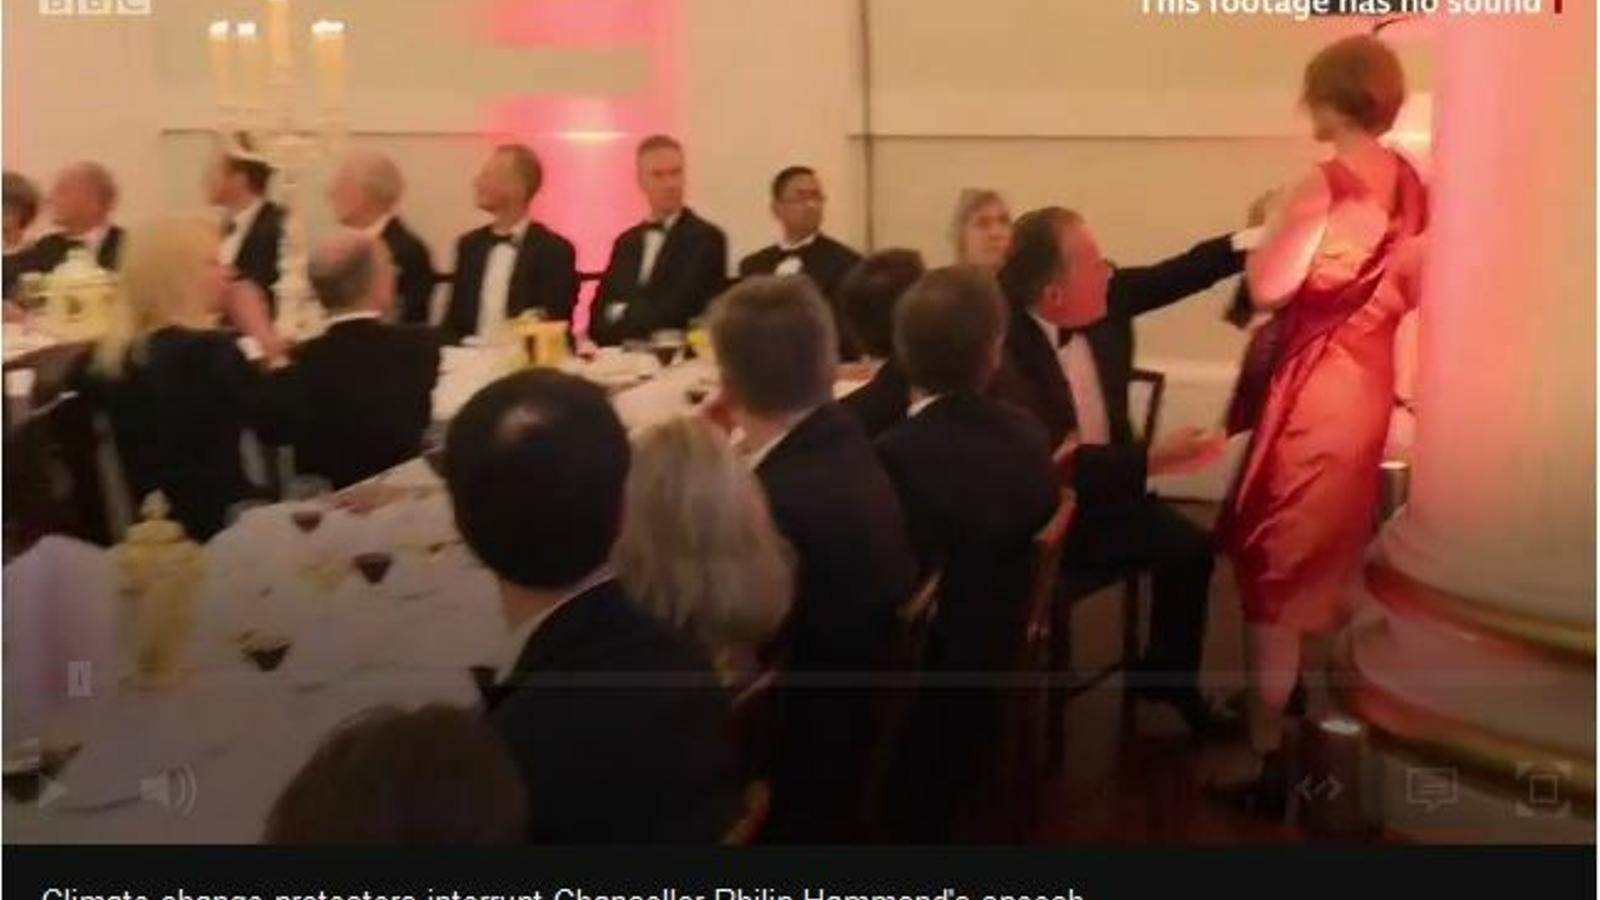 Activistes per l'emergència climàtica expulsades d'un sopar de gala a Londres.